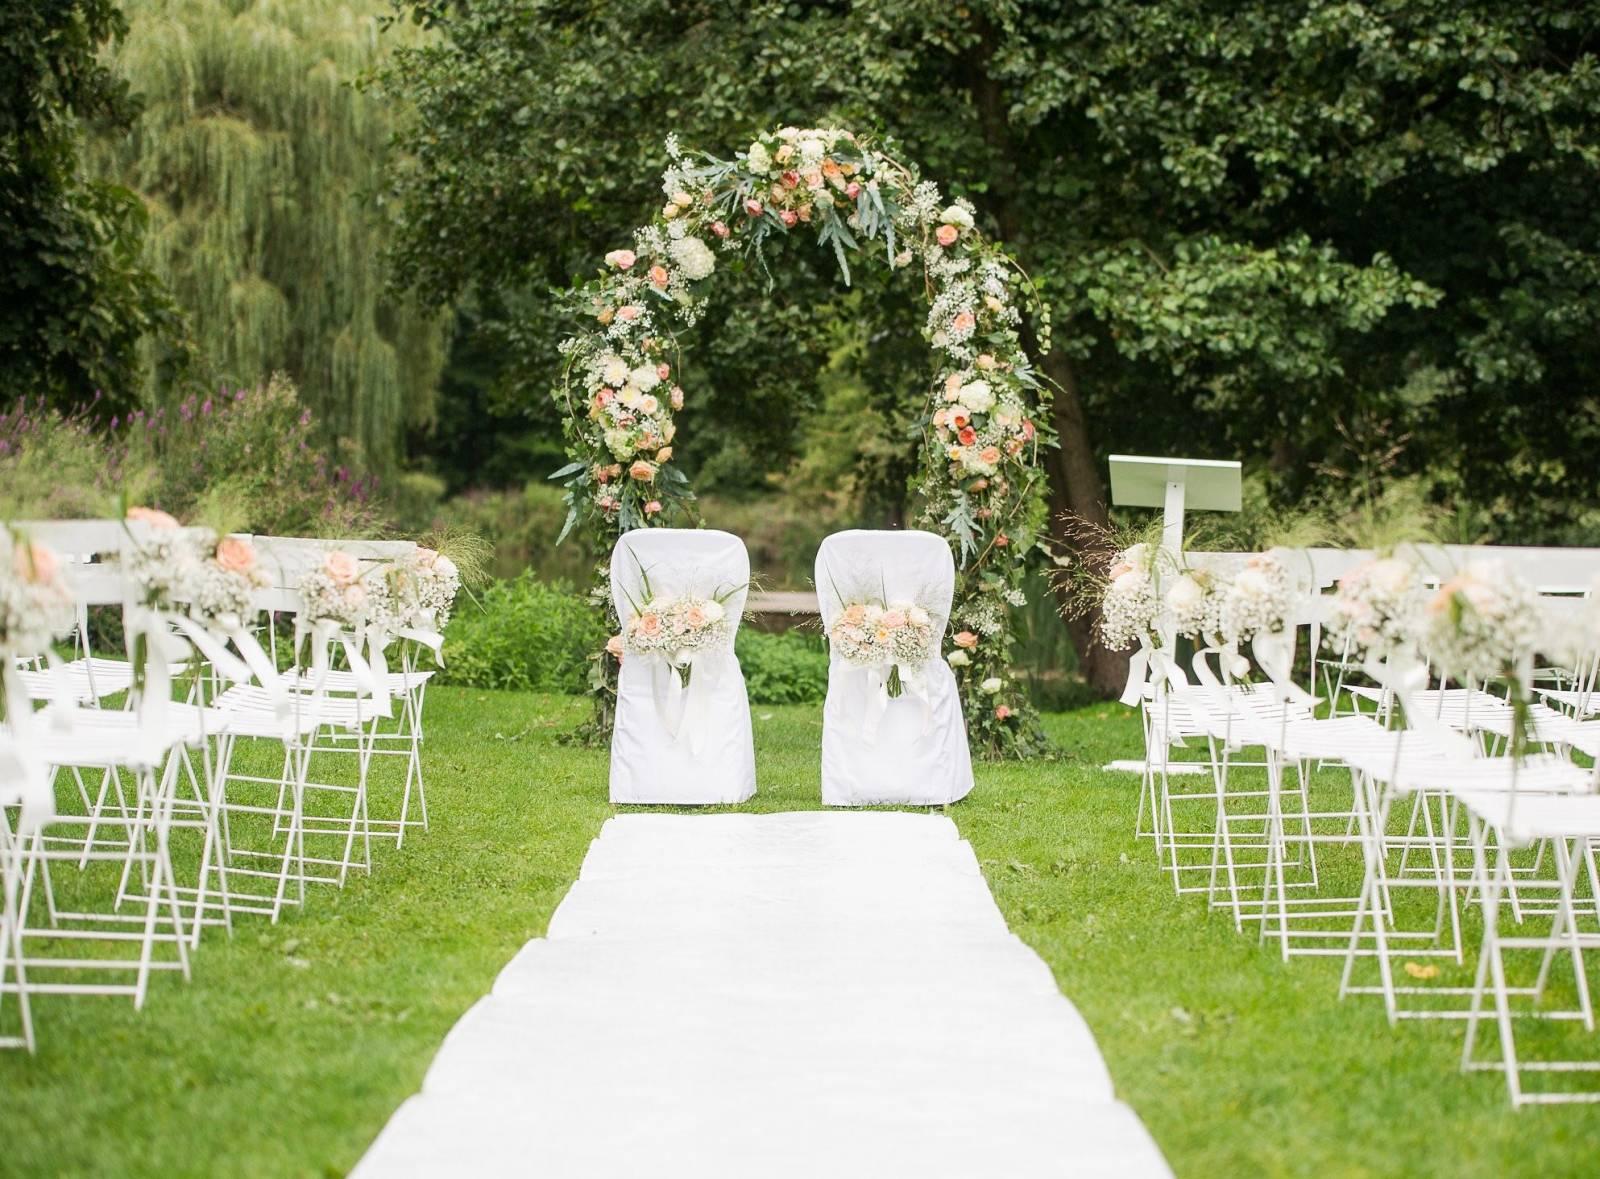 Floral Artists - Bloemen huwelijk trouw bruiloft - Bruidsboeket - Bloemendecoratie - House of Weddings - 31